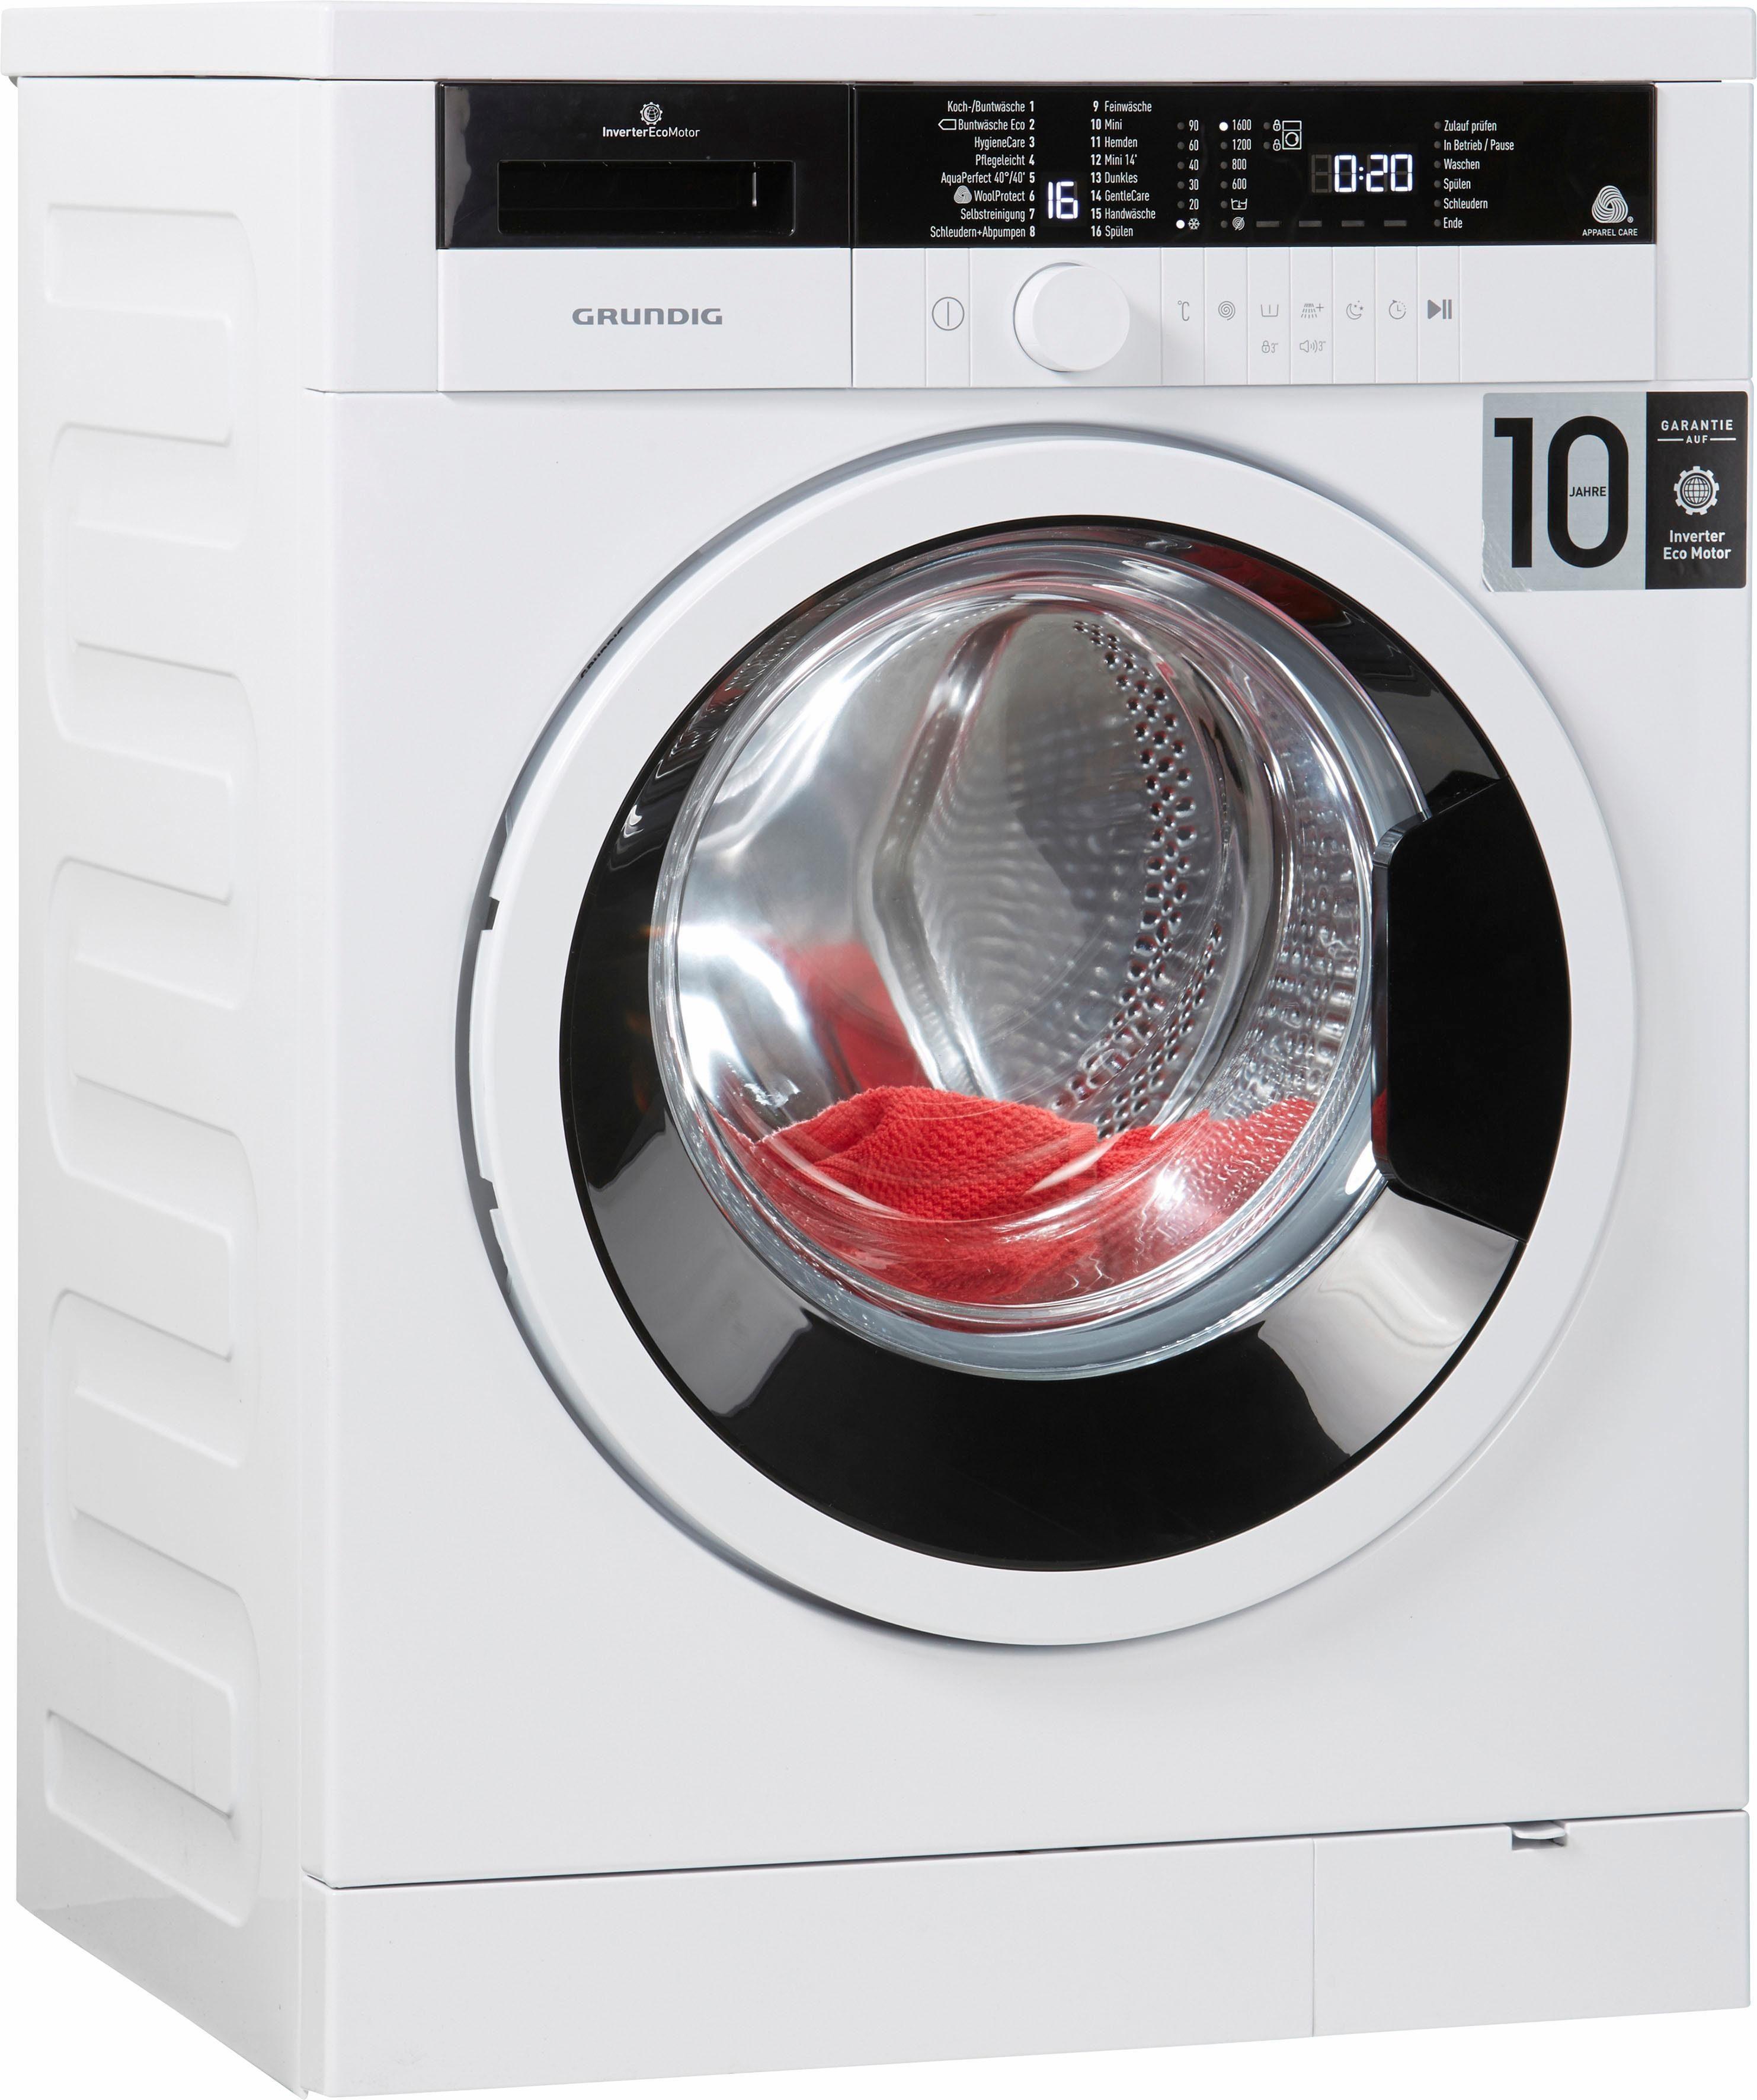 Grundig Waschmaschine GWO 37630 WB, A+++, 7 kg, 1600 U/Min